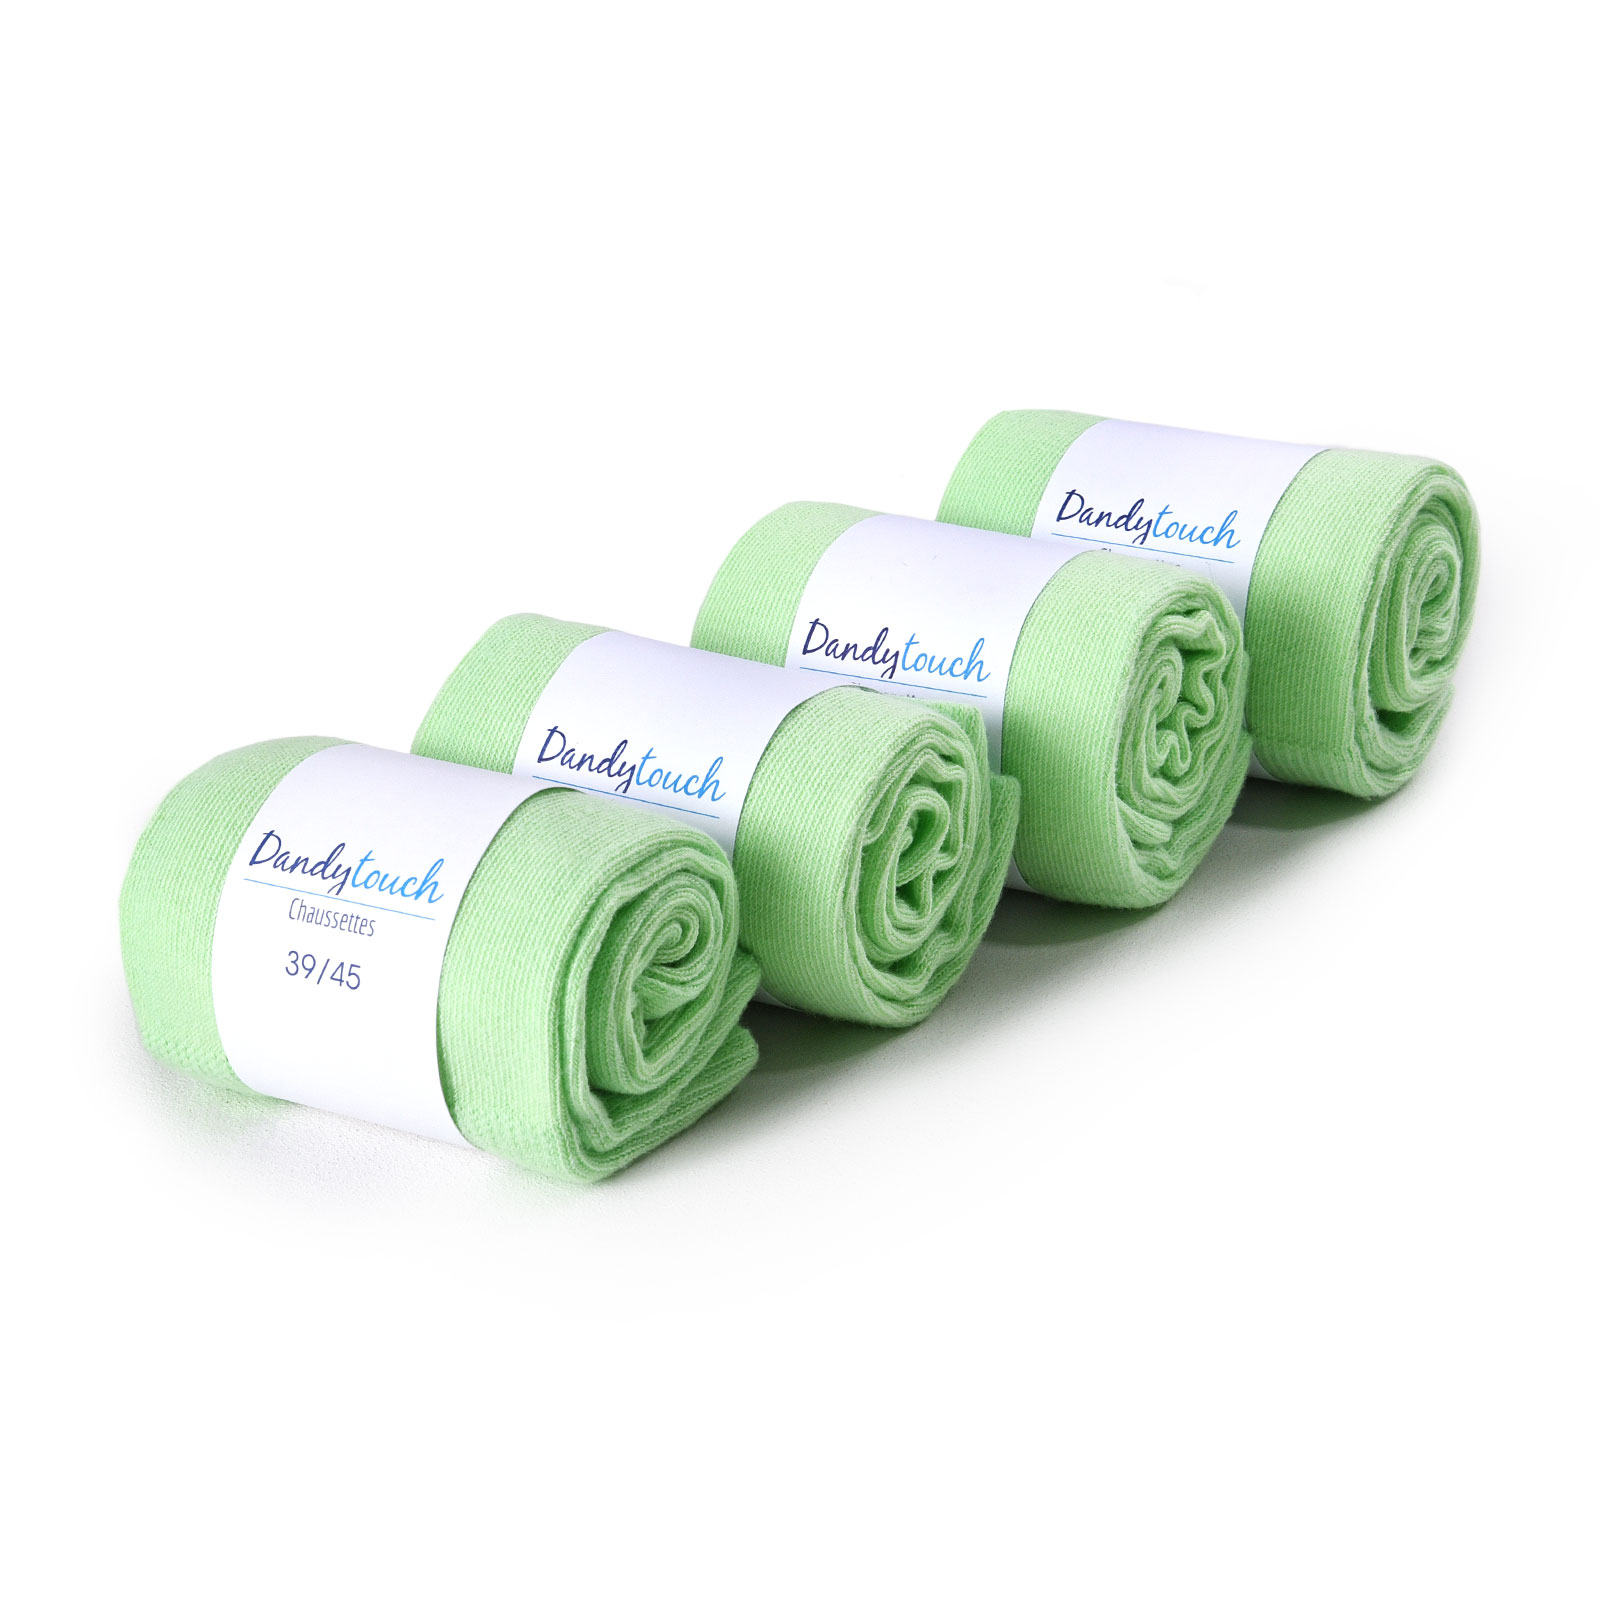 PK-00001-pomme-F16-lot-4-paires-chaussettes-vertes